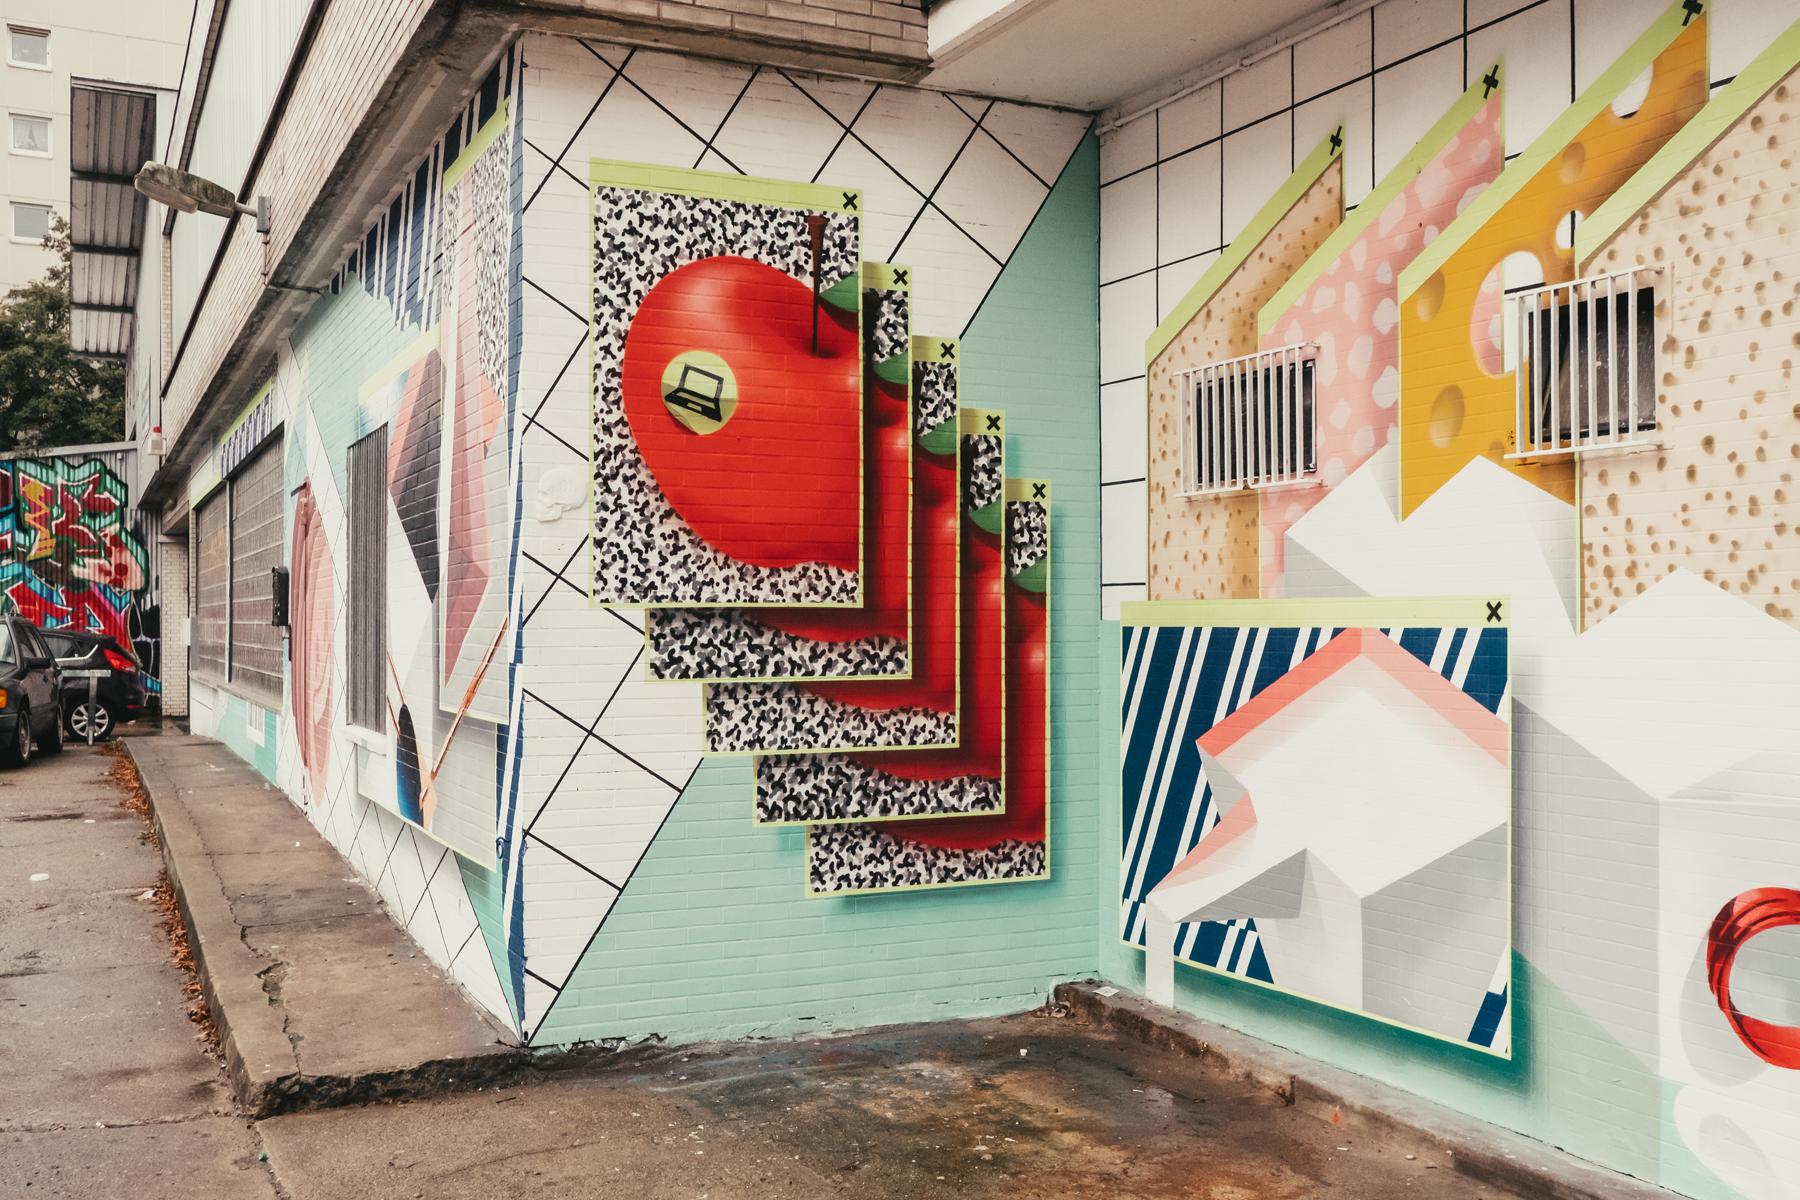 Geheimtipp Hamburg Paul Roosen Strasse Affenfaustgalerie 02